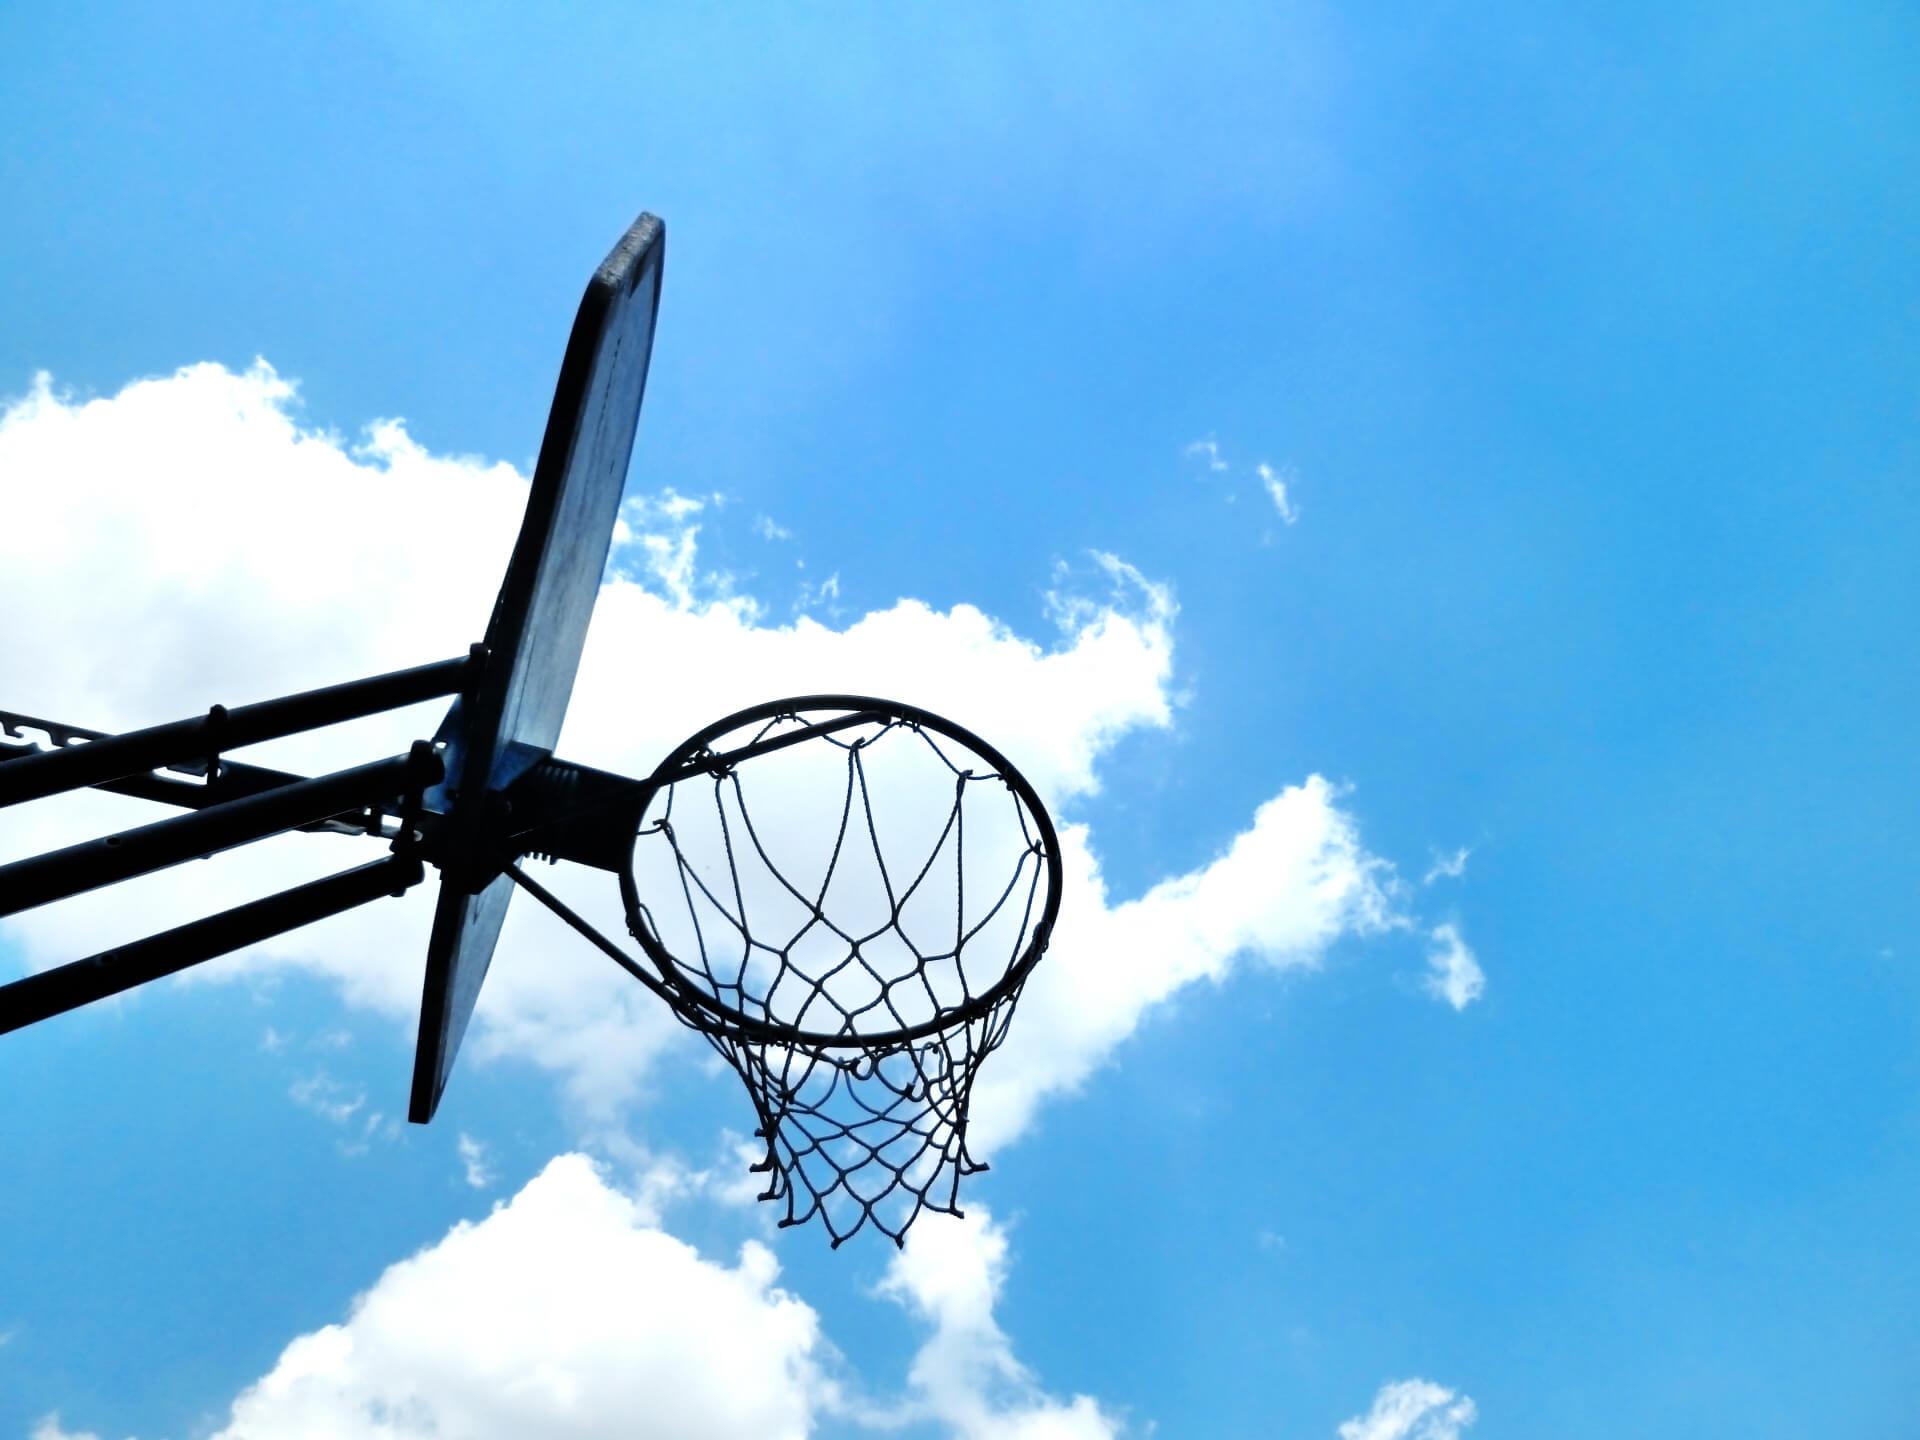 プロもやってる!今日から始められるバスケのドリブルテクニックを向上させる練習法